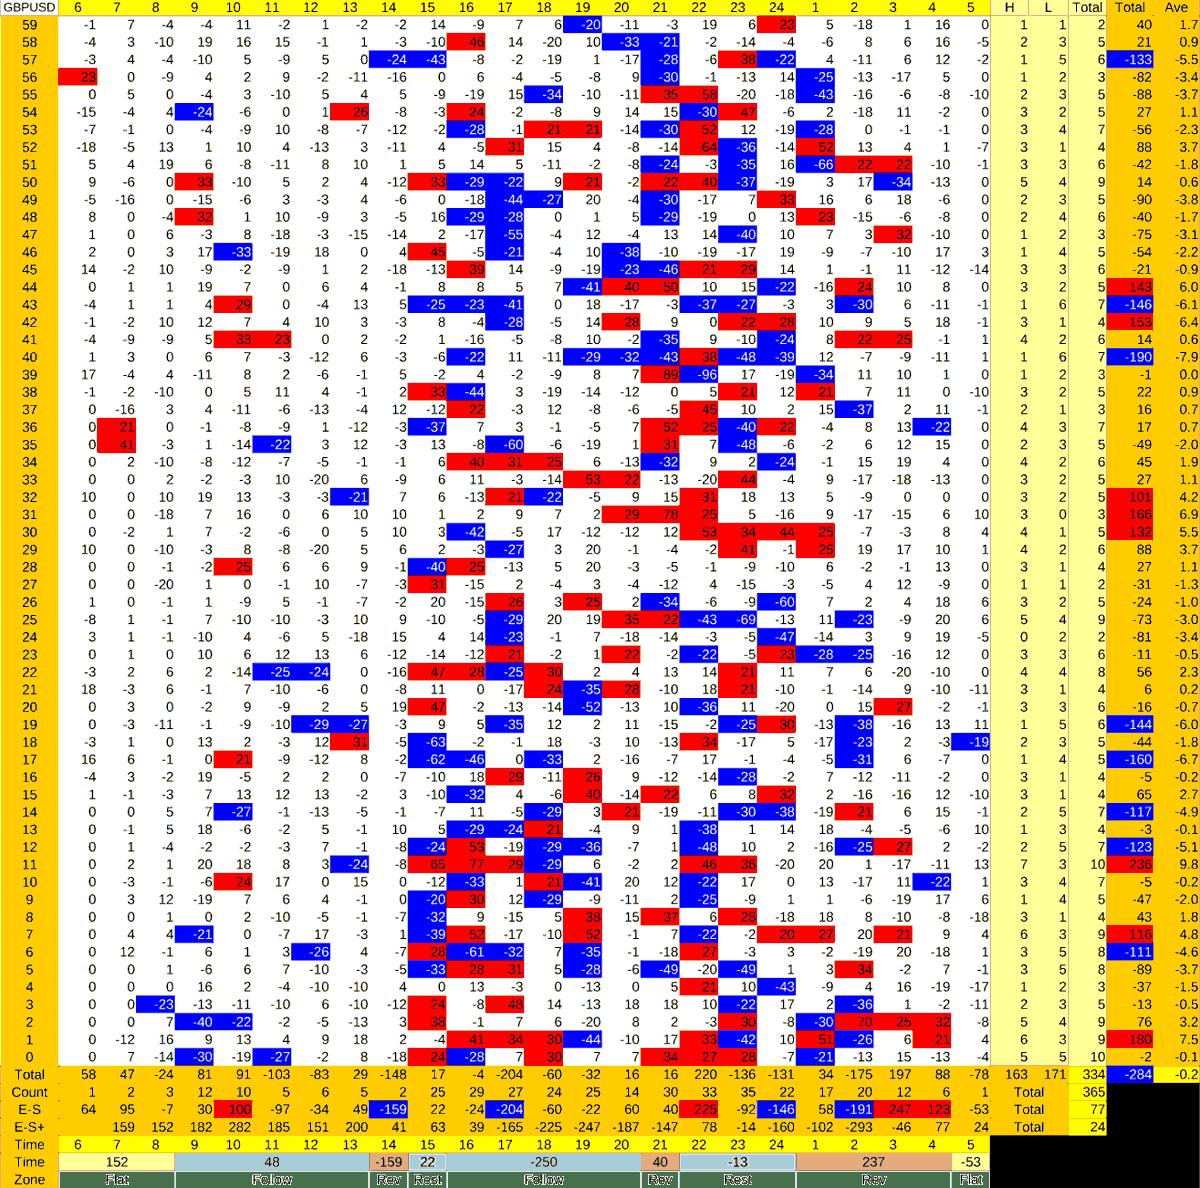 20210513_HS(2)GBPUSD